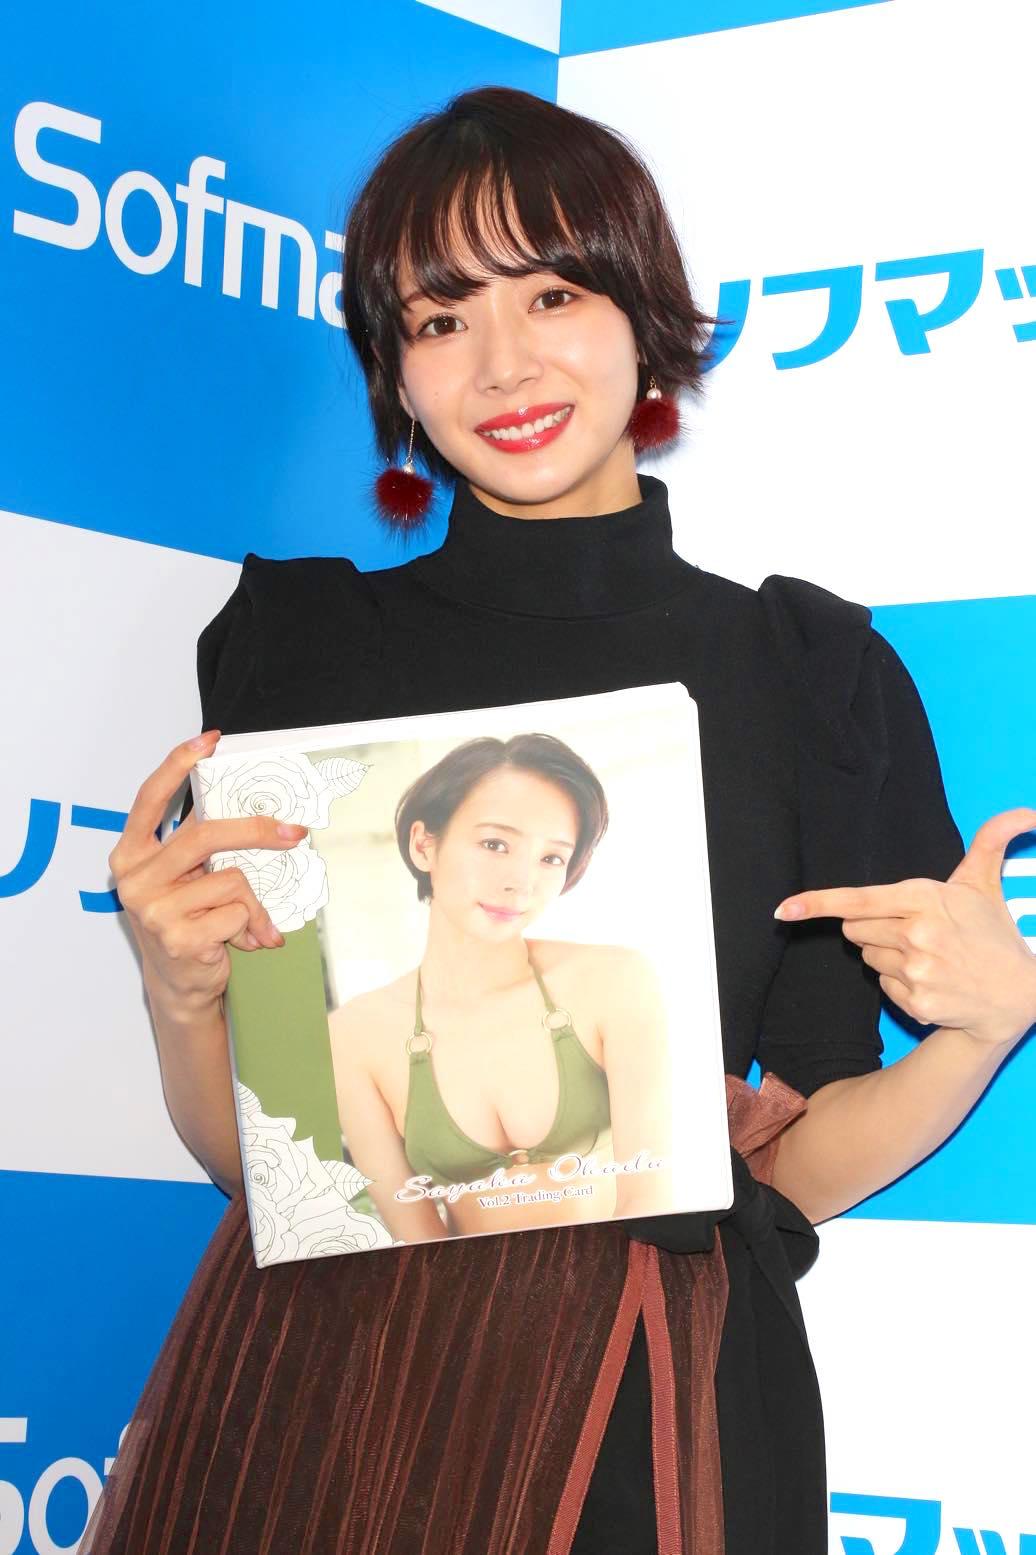 岡田紗佳「美脚の人気モデル」がハイレグ極小ビキニに挑戦!【写真23枚】の画像017